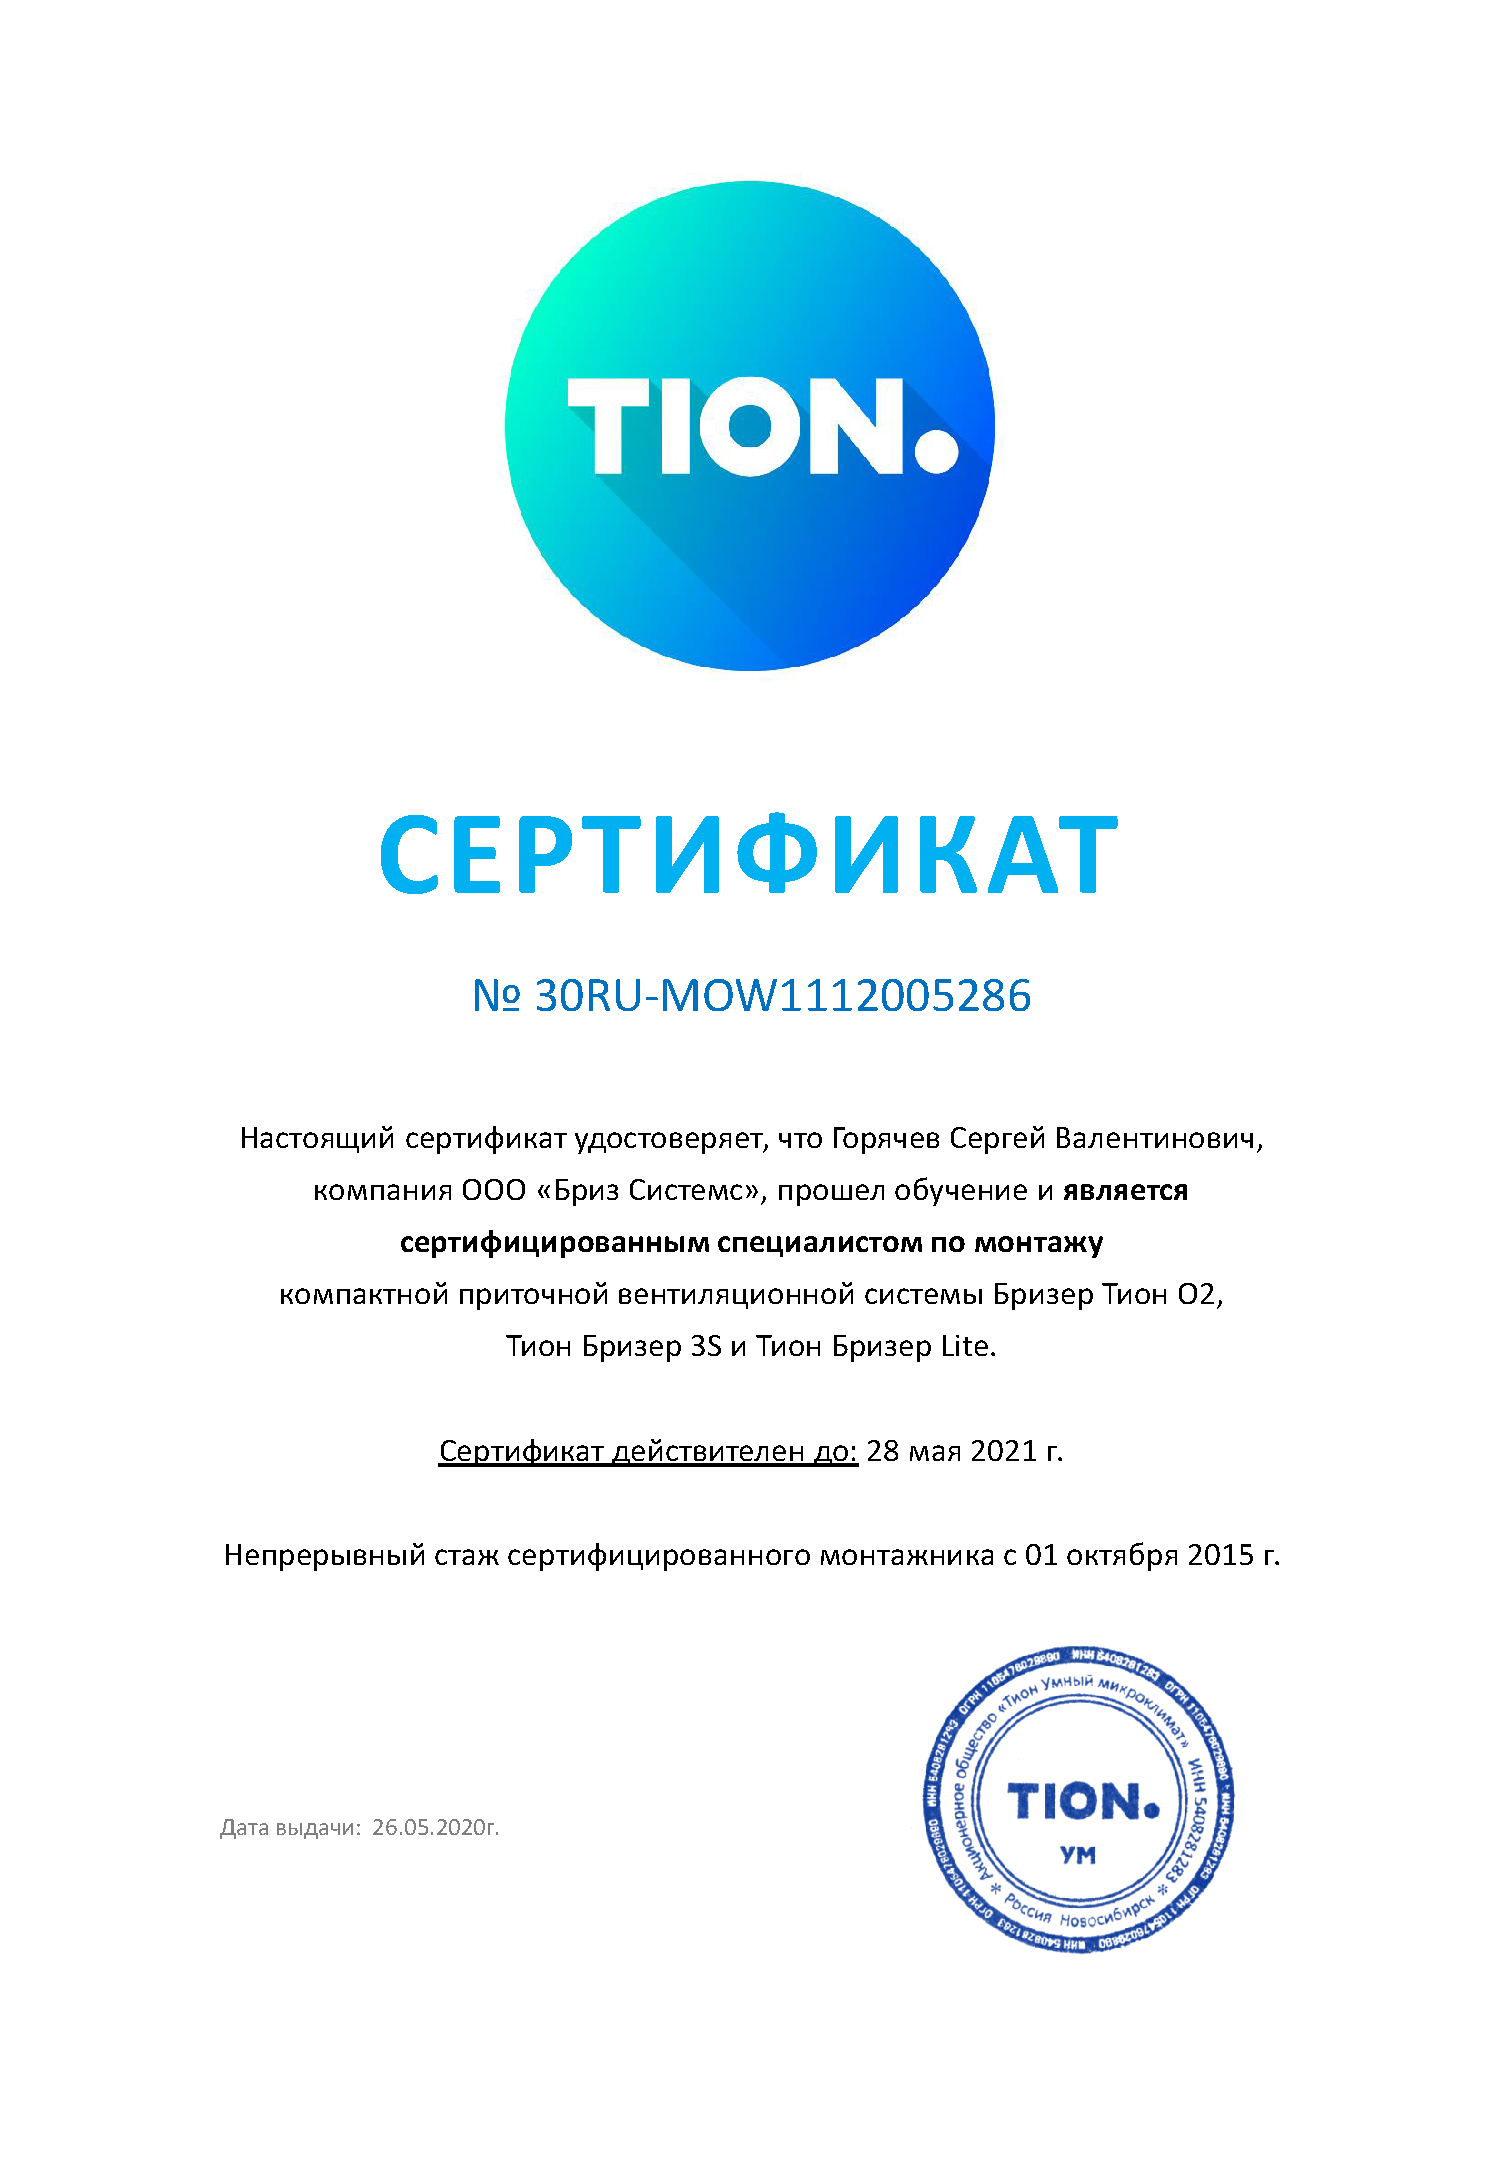 Сертификат на сертифицированный монтаж бризеров